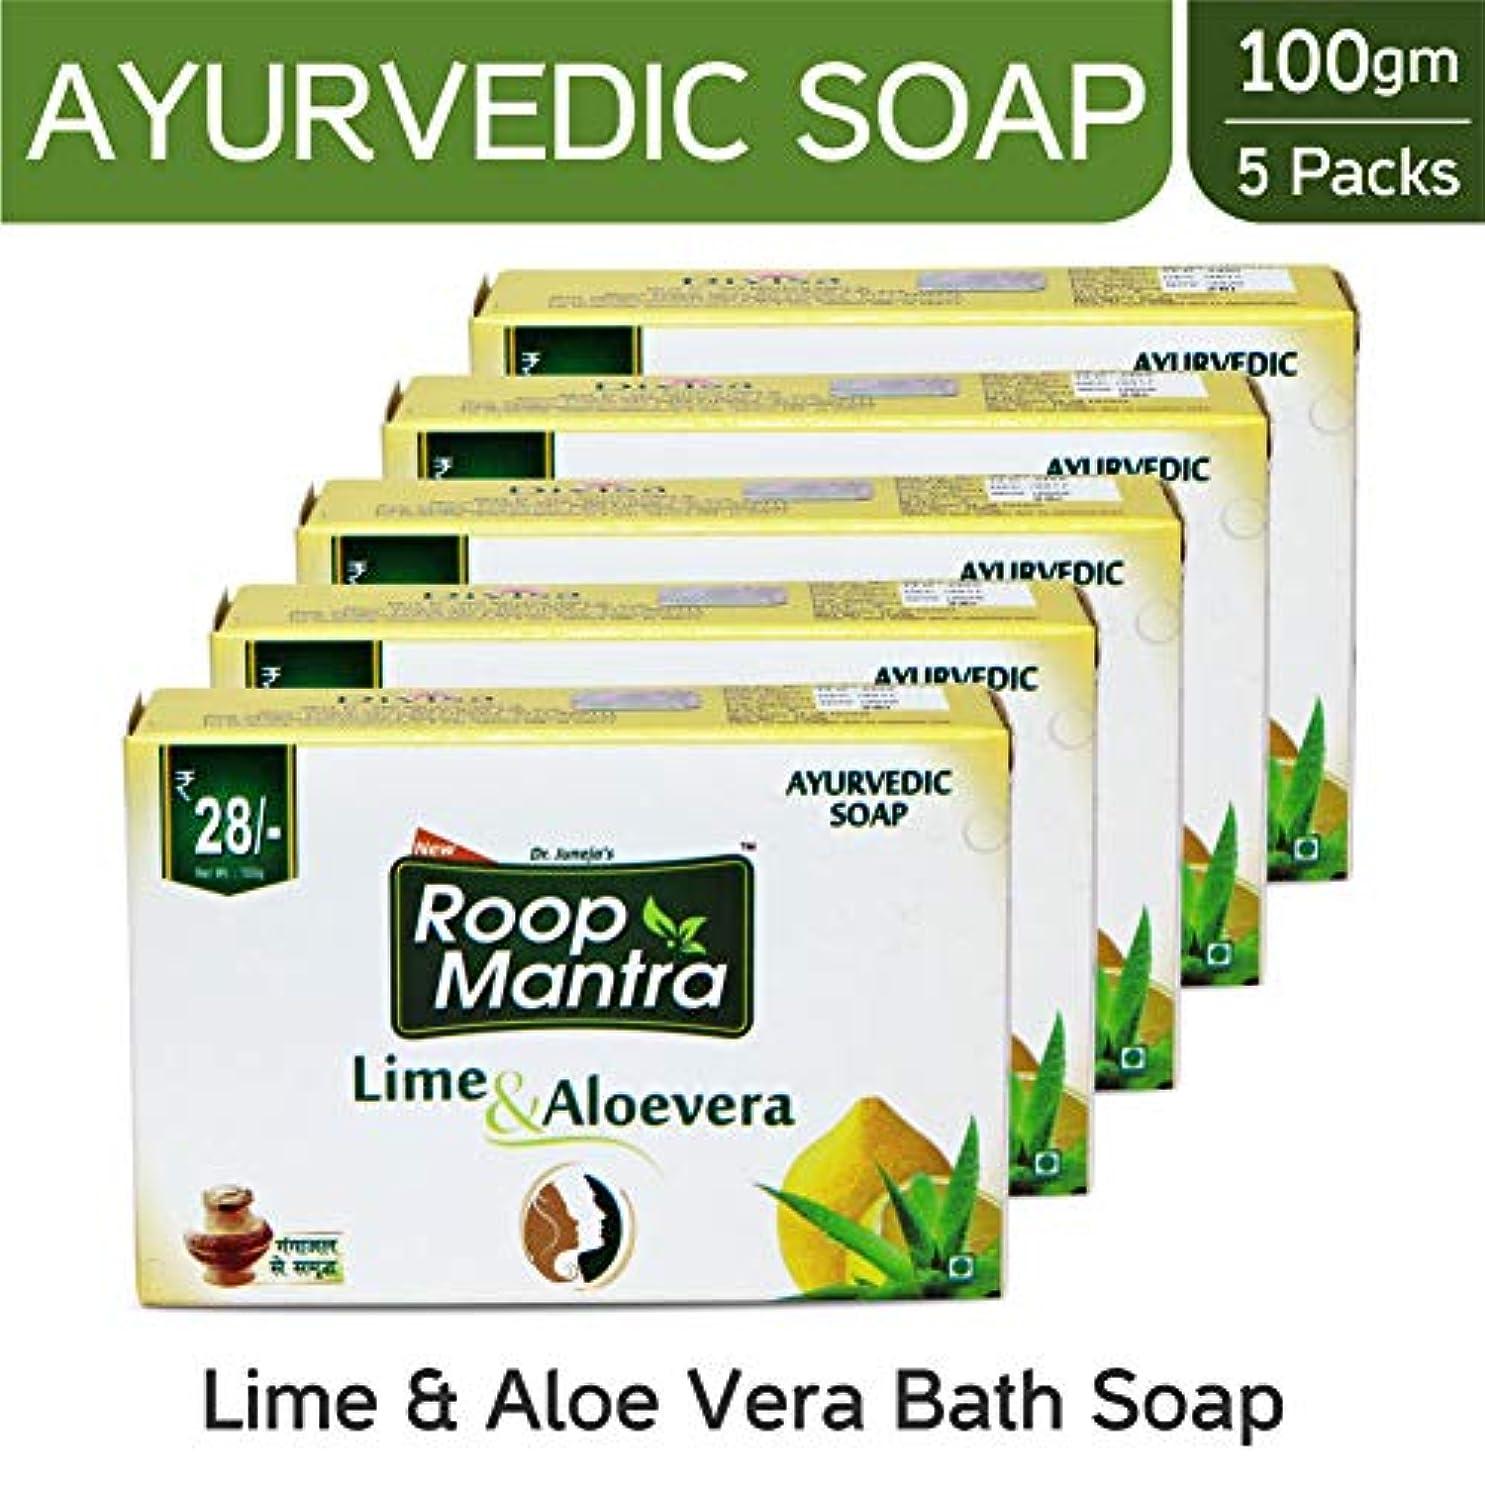 キャプテン息切れ旅行者Roop Mantra Ayurvedic Bath Soap, Lime and Aloevera, 100g (Pack of 5)